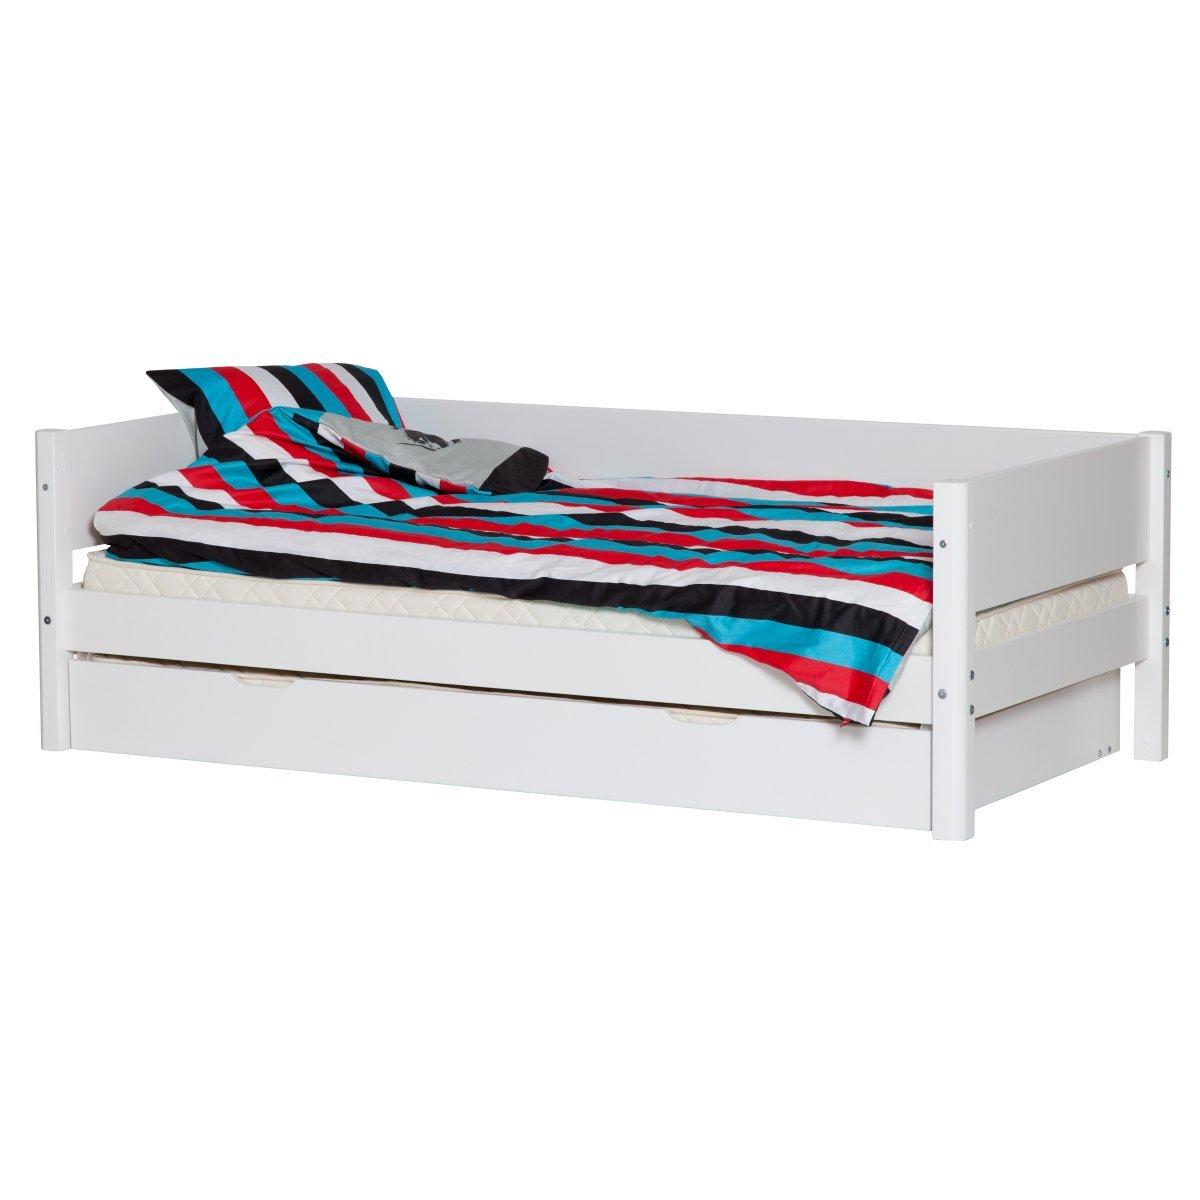 Verführerisch Flexa White Einzelbett Foto Von 90x200 Mit Ausziehbett In Weiß